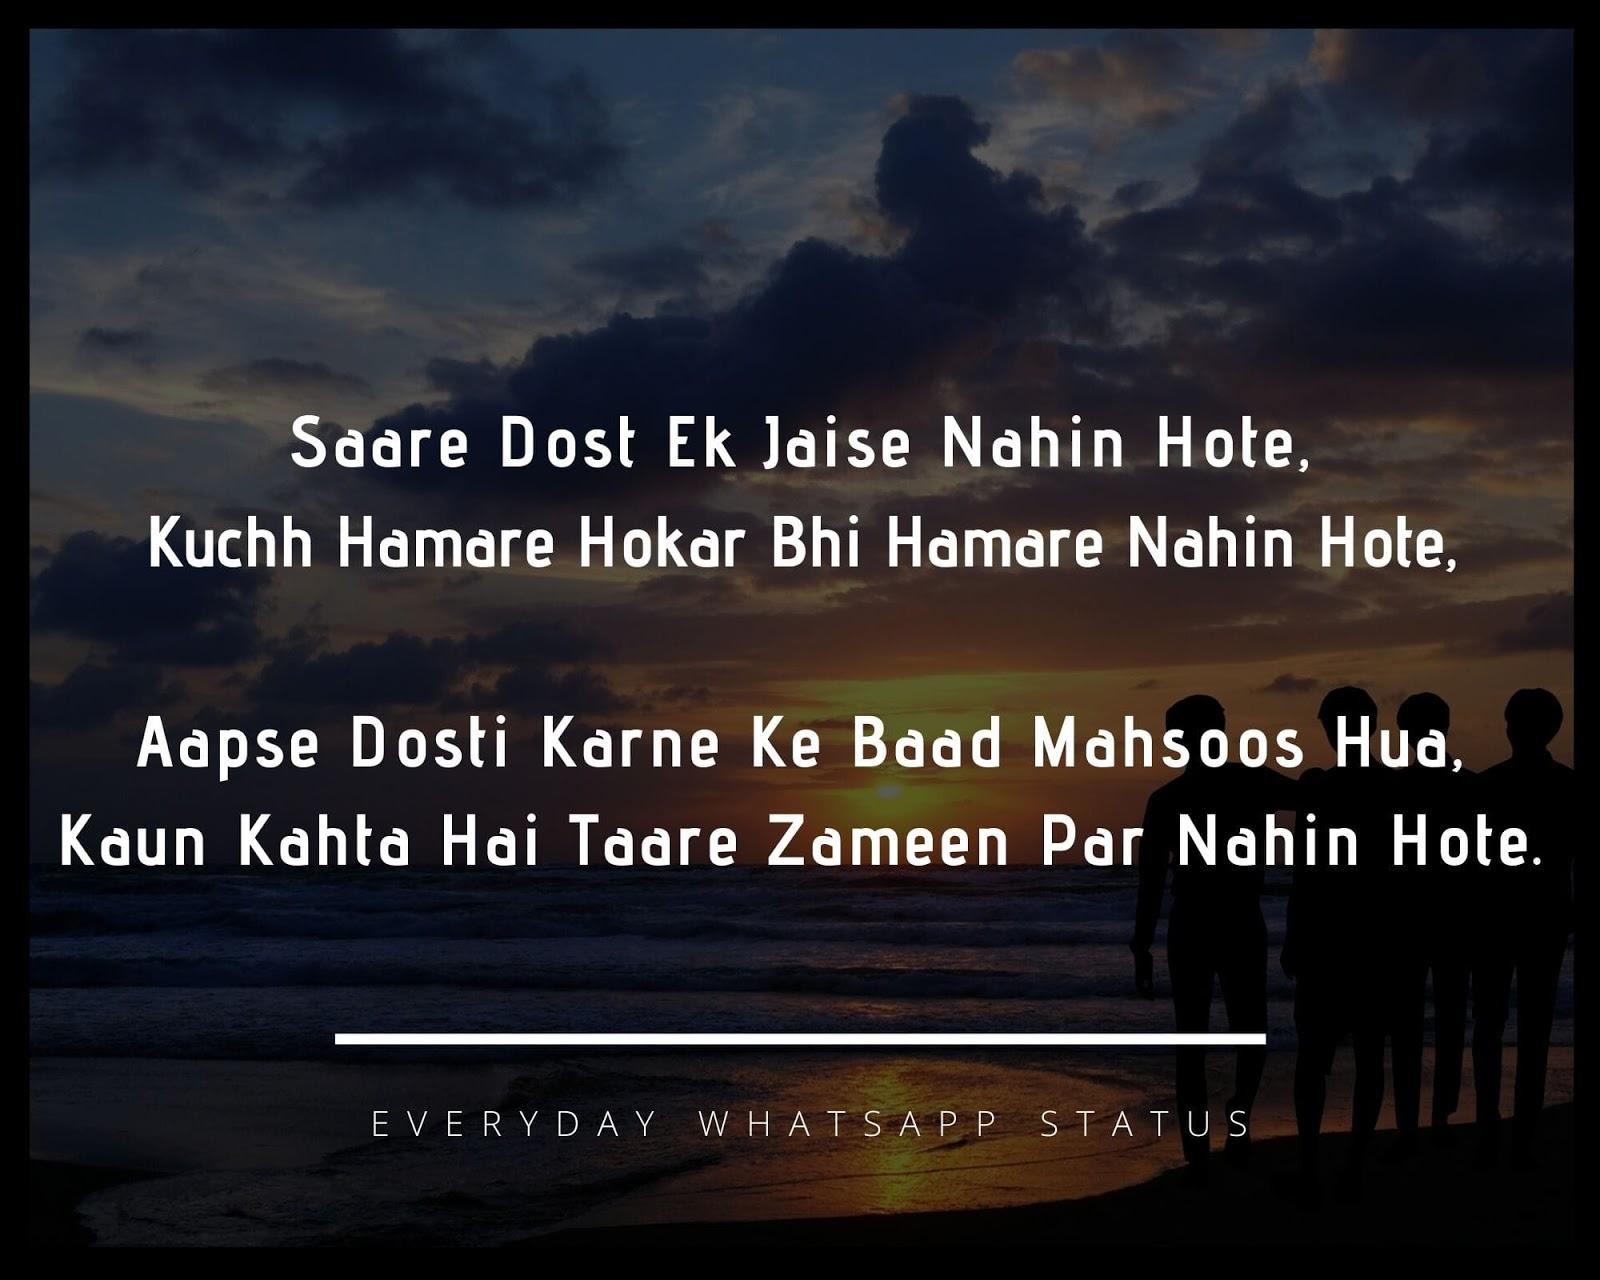 Dosti Shayari Hindi - Saare Dost Ek Jaise Nahin Hote